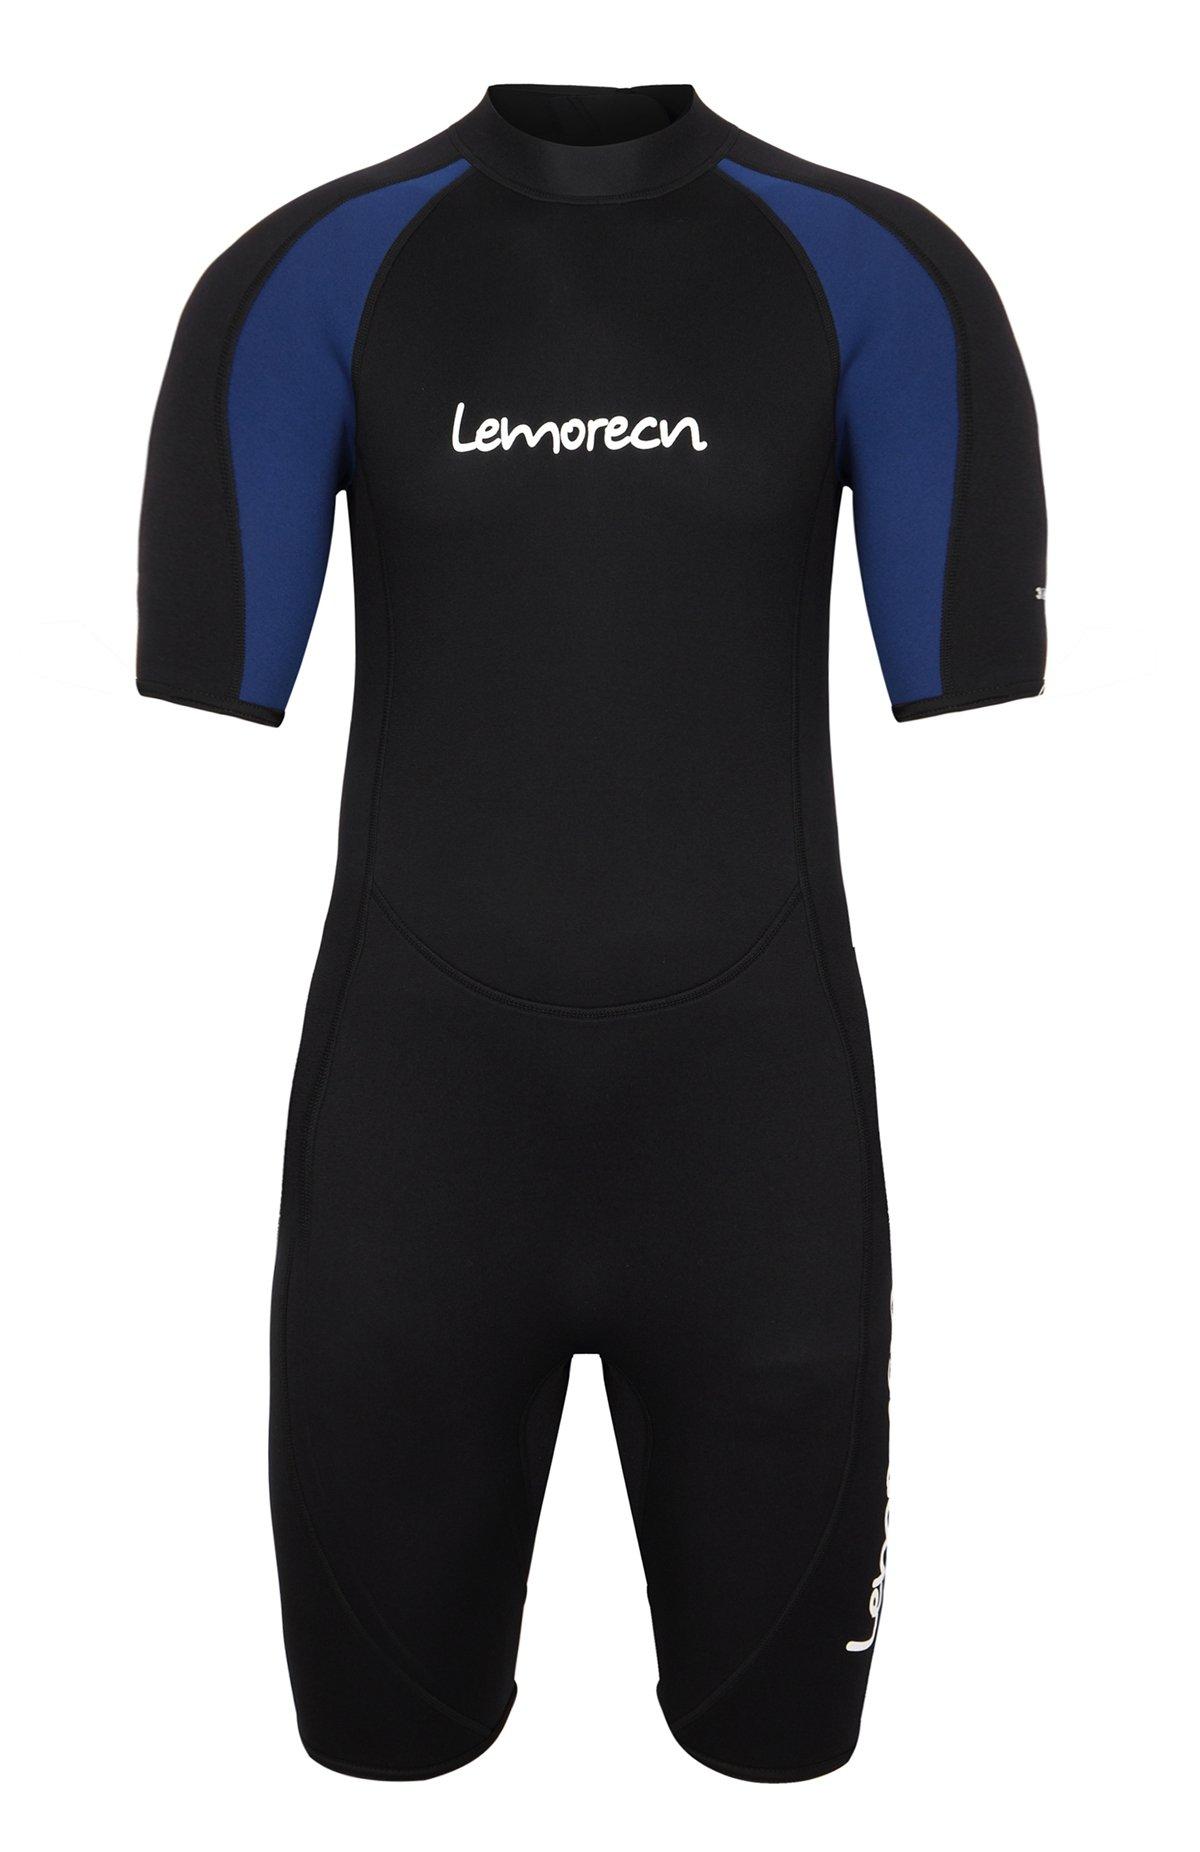 Lemorecn Wetsuits Mens Premium Neoprene Diving Suit 3mm Shorty Jumpsuit(3035,2XL) by Lemorecn (Image #3)